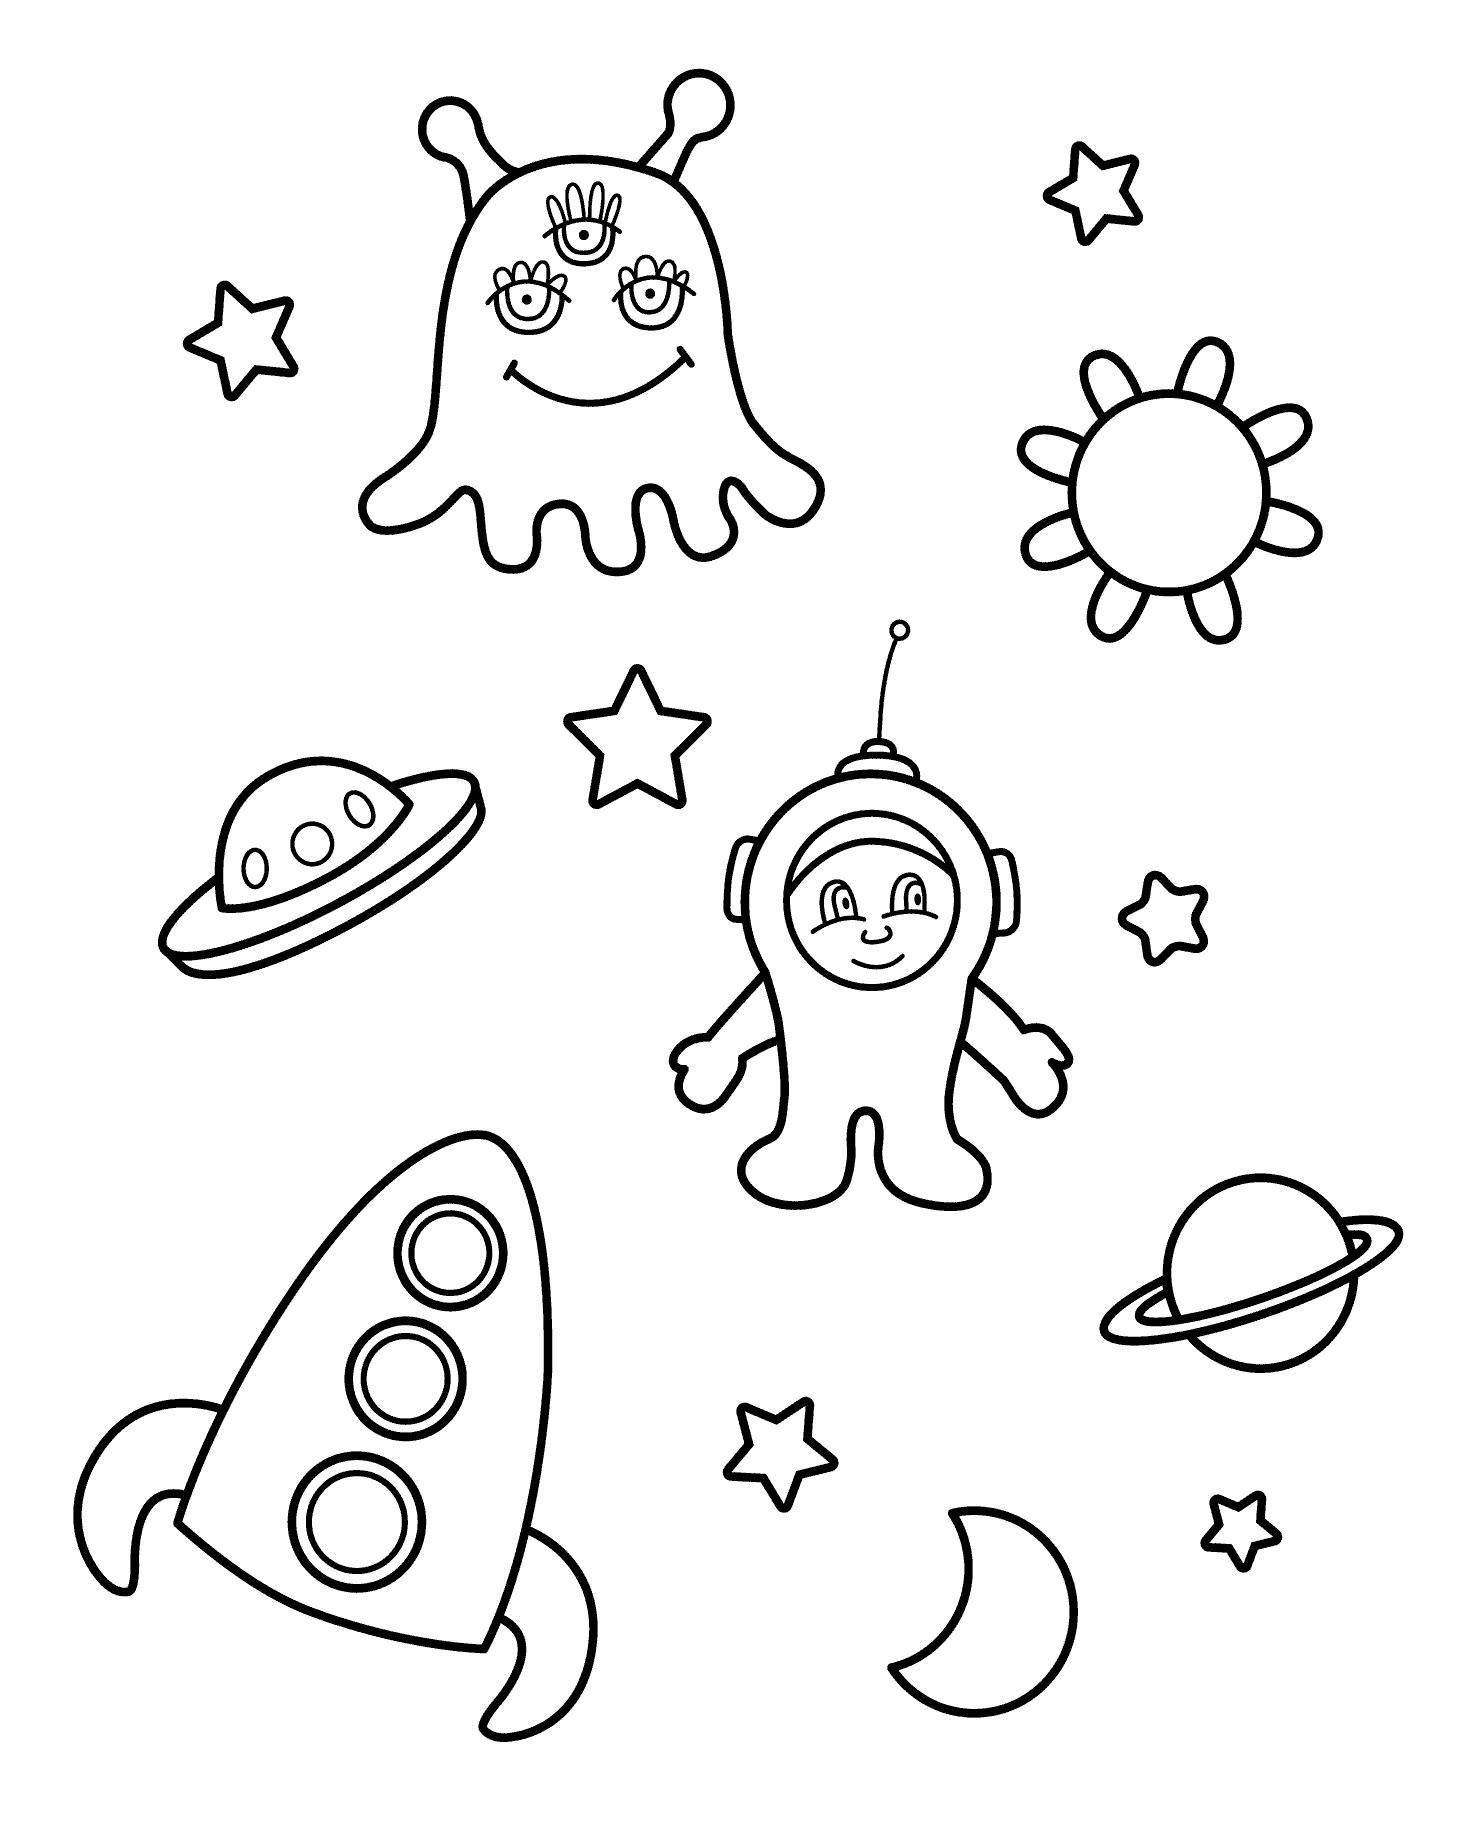 нло летающая тарелка ракета космонавт планеты звезды